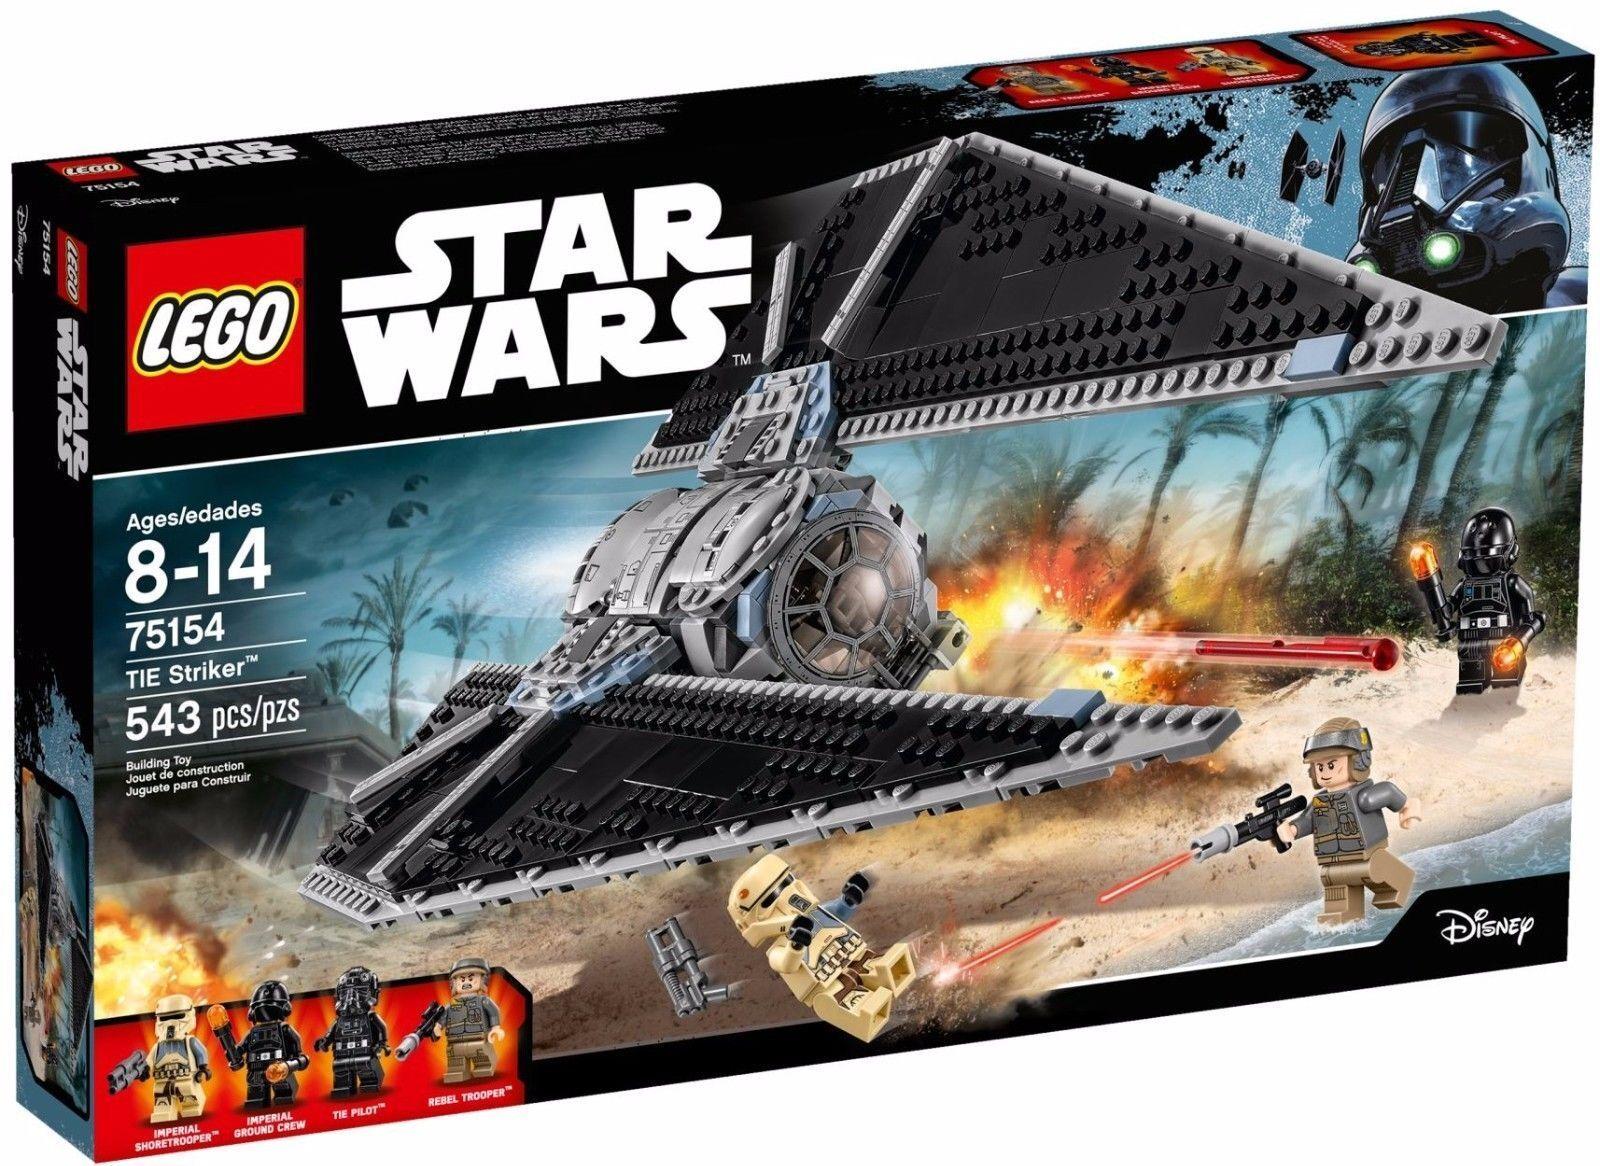 NEW LEGO Star Wars 75154 TIE Striker & 4 figures: Pilot Stormtrooper Rebel Crew